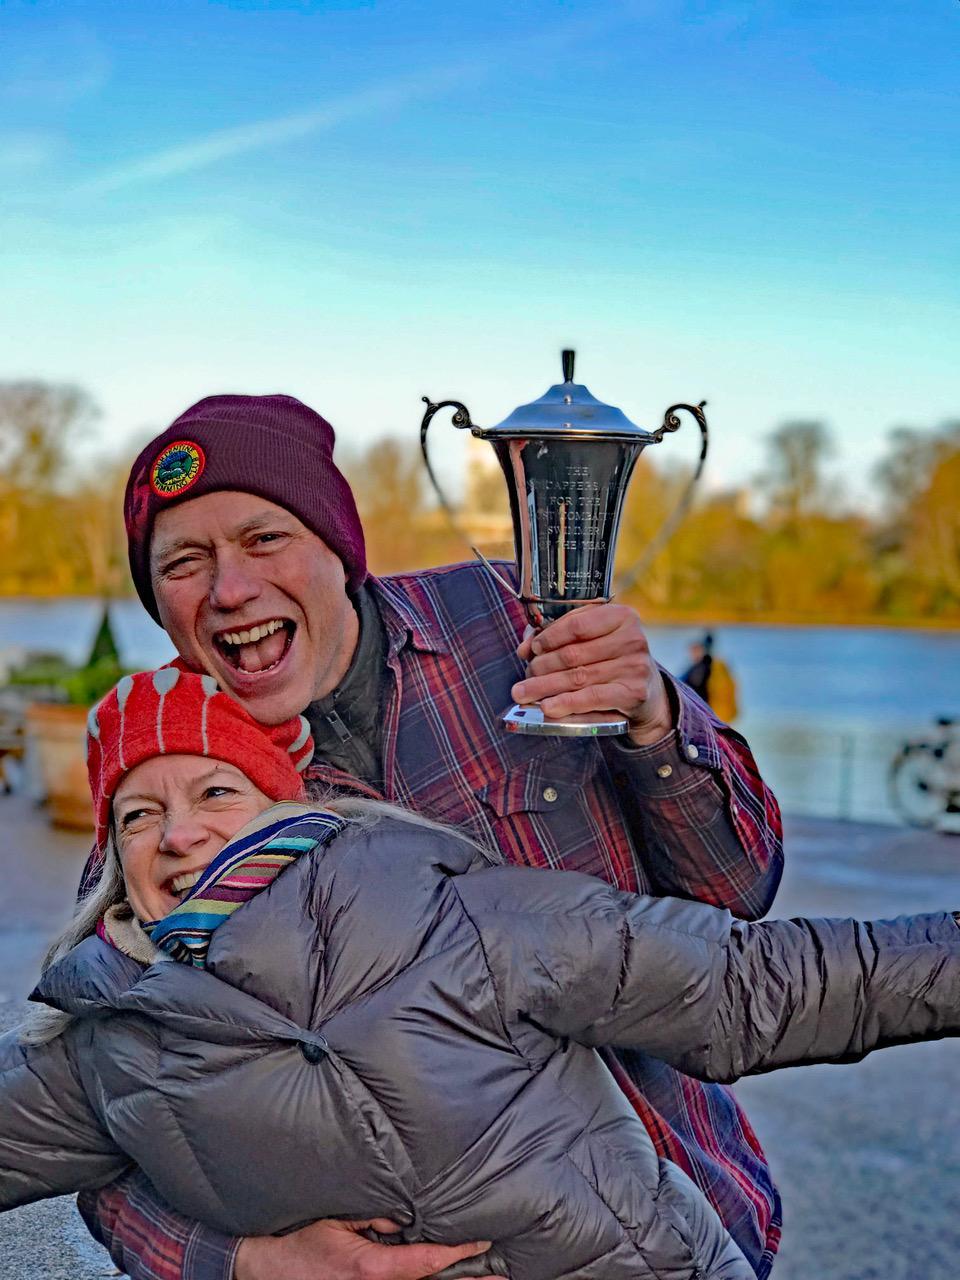 Sarah Ouldcott celebrates her Combative Trophy Husband